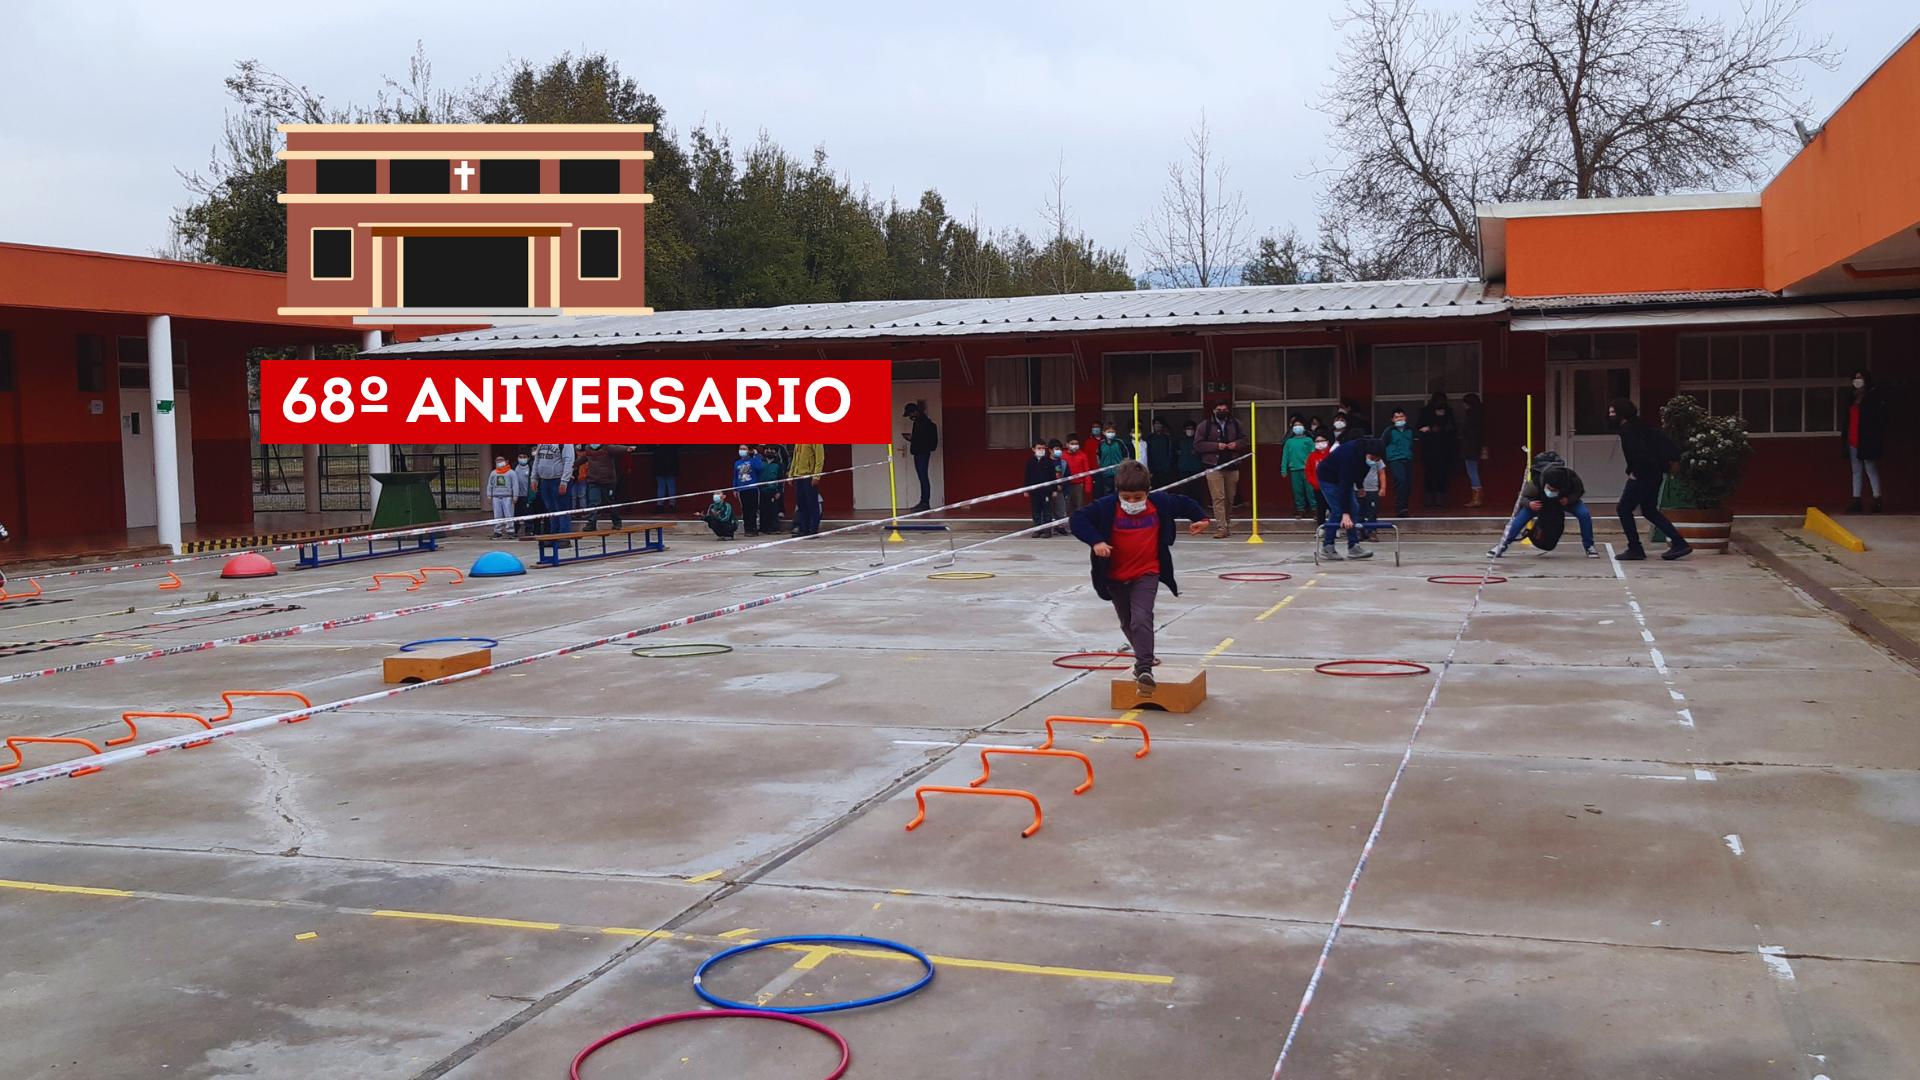 COMUNIDAD SALVADOREÑA CELEBRÓ CON ALEGRÍA 68º ANIVERSARIO